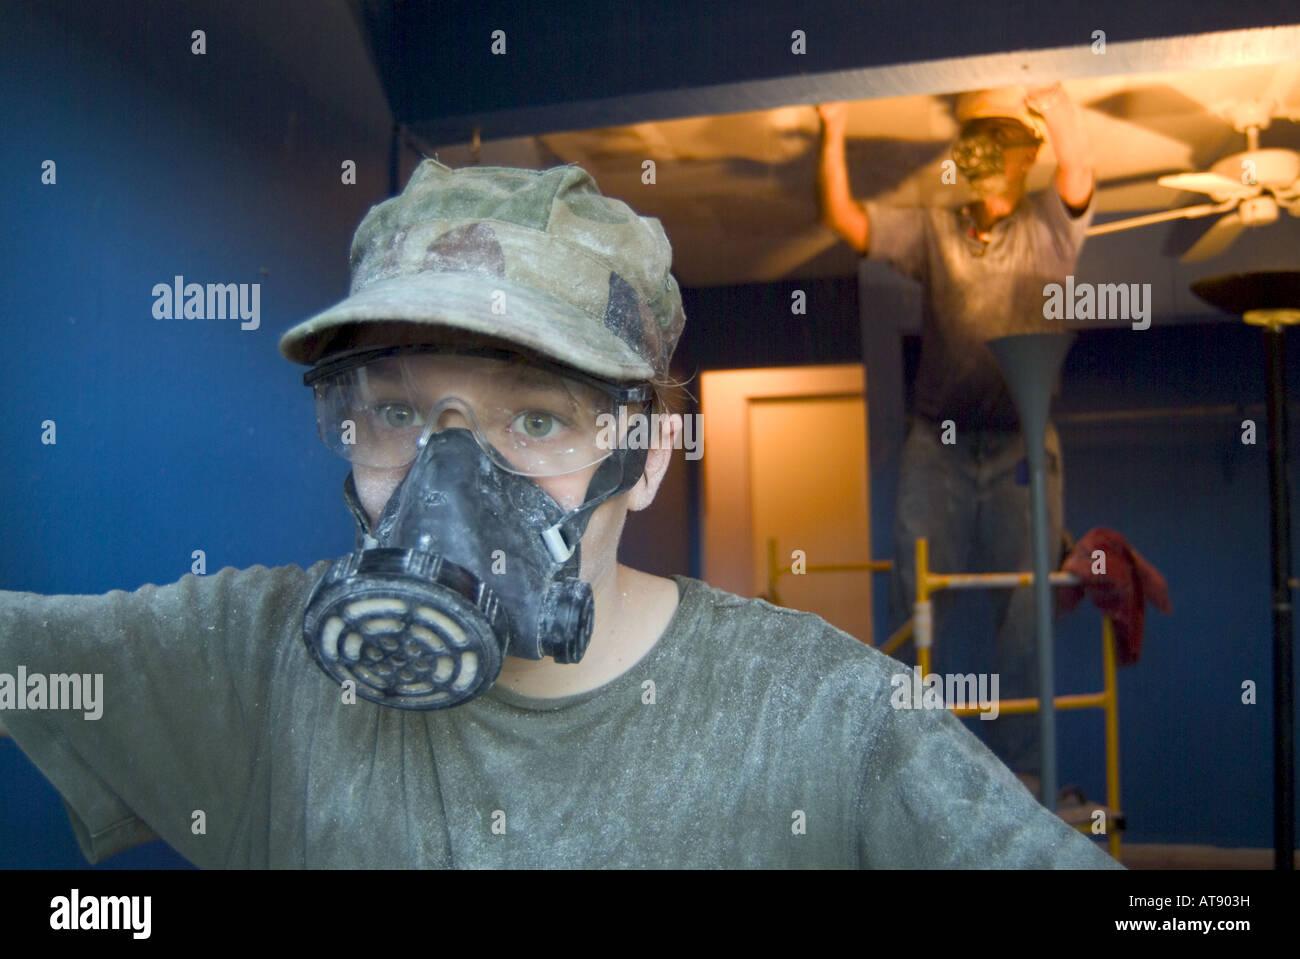 Home Lavori di costruzione. Adolescente che indossa una maschera ventalation aiutando a raschiare il soffitto con le vecchie african american uomo Foto Stock